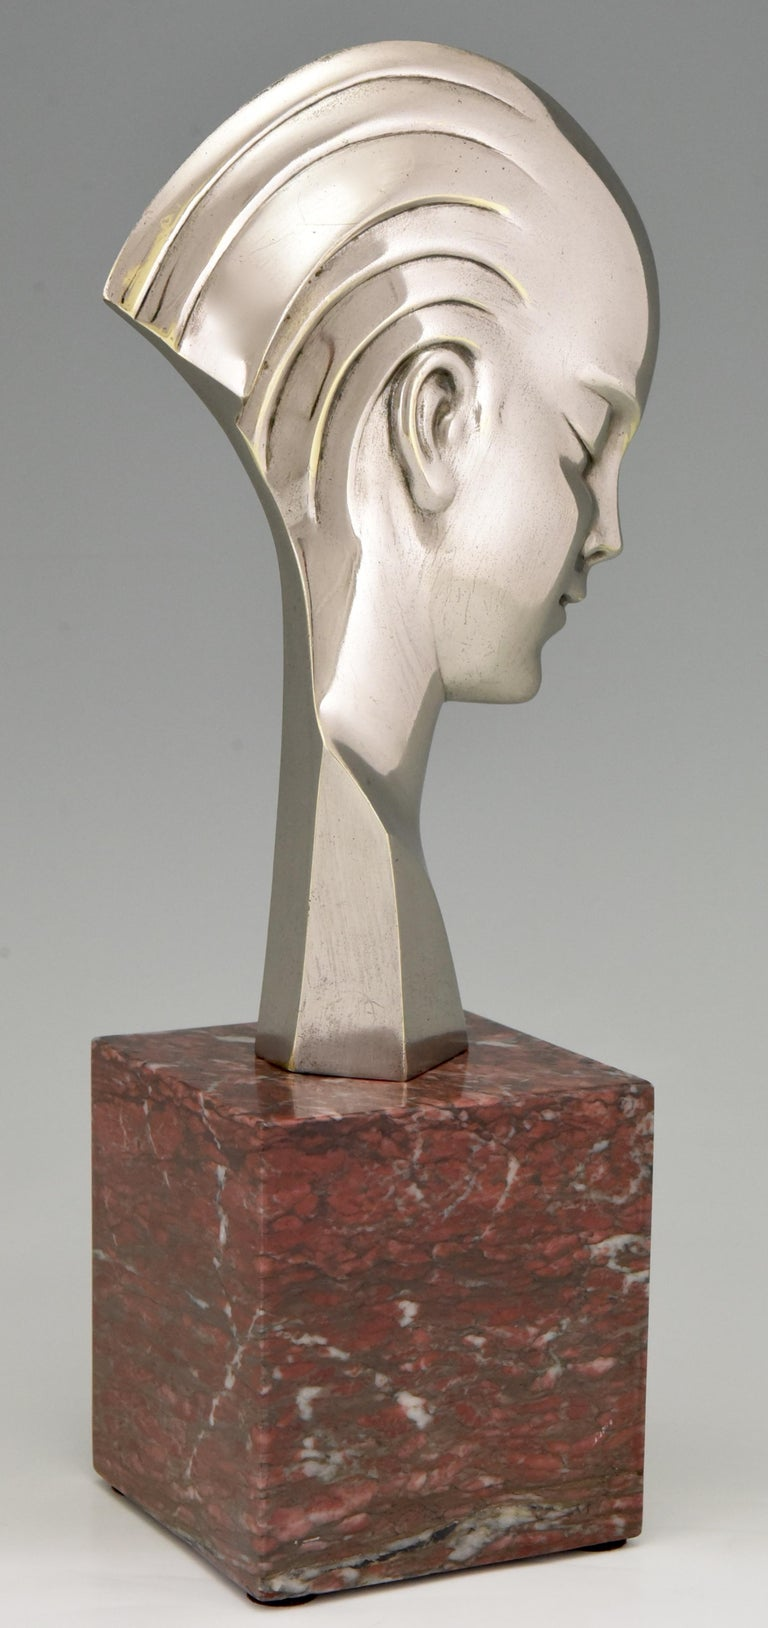 Bronze Art Deco bronze sculpture bust woman profile att. to Guido Cacciapuoti 1930